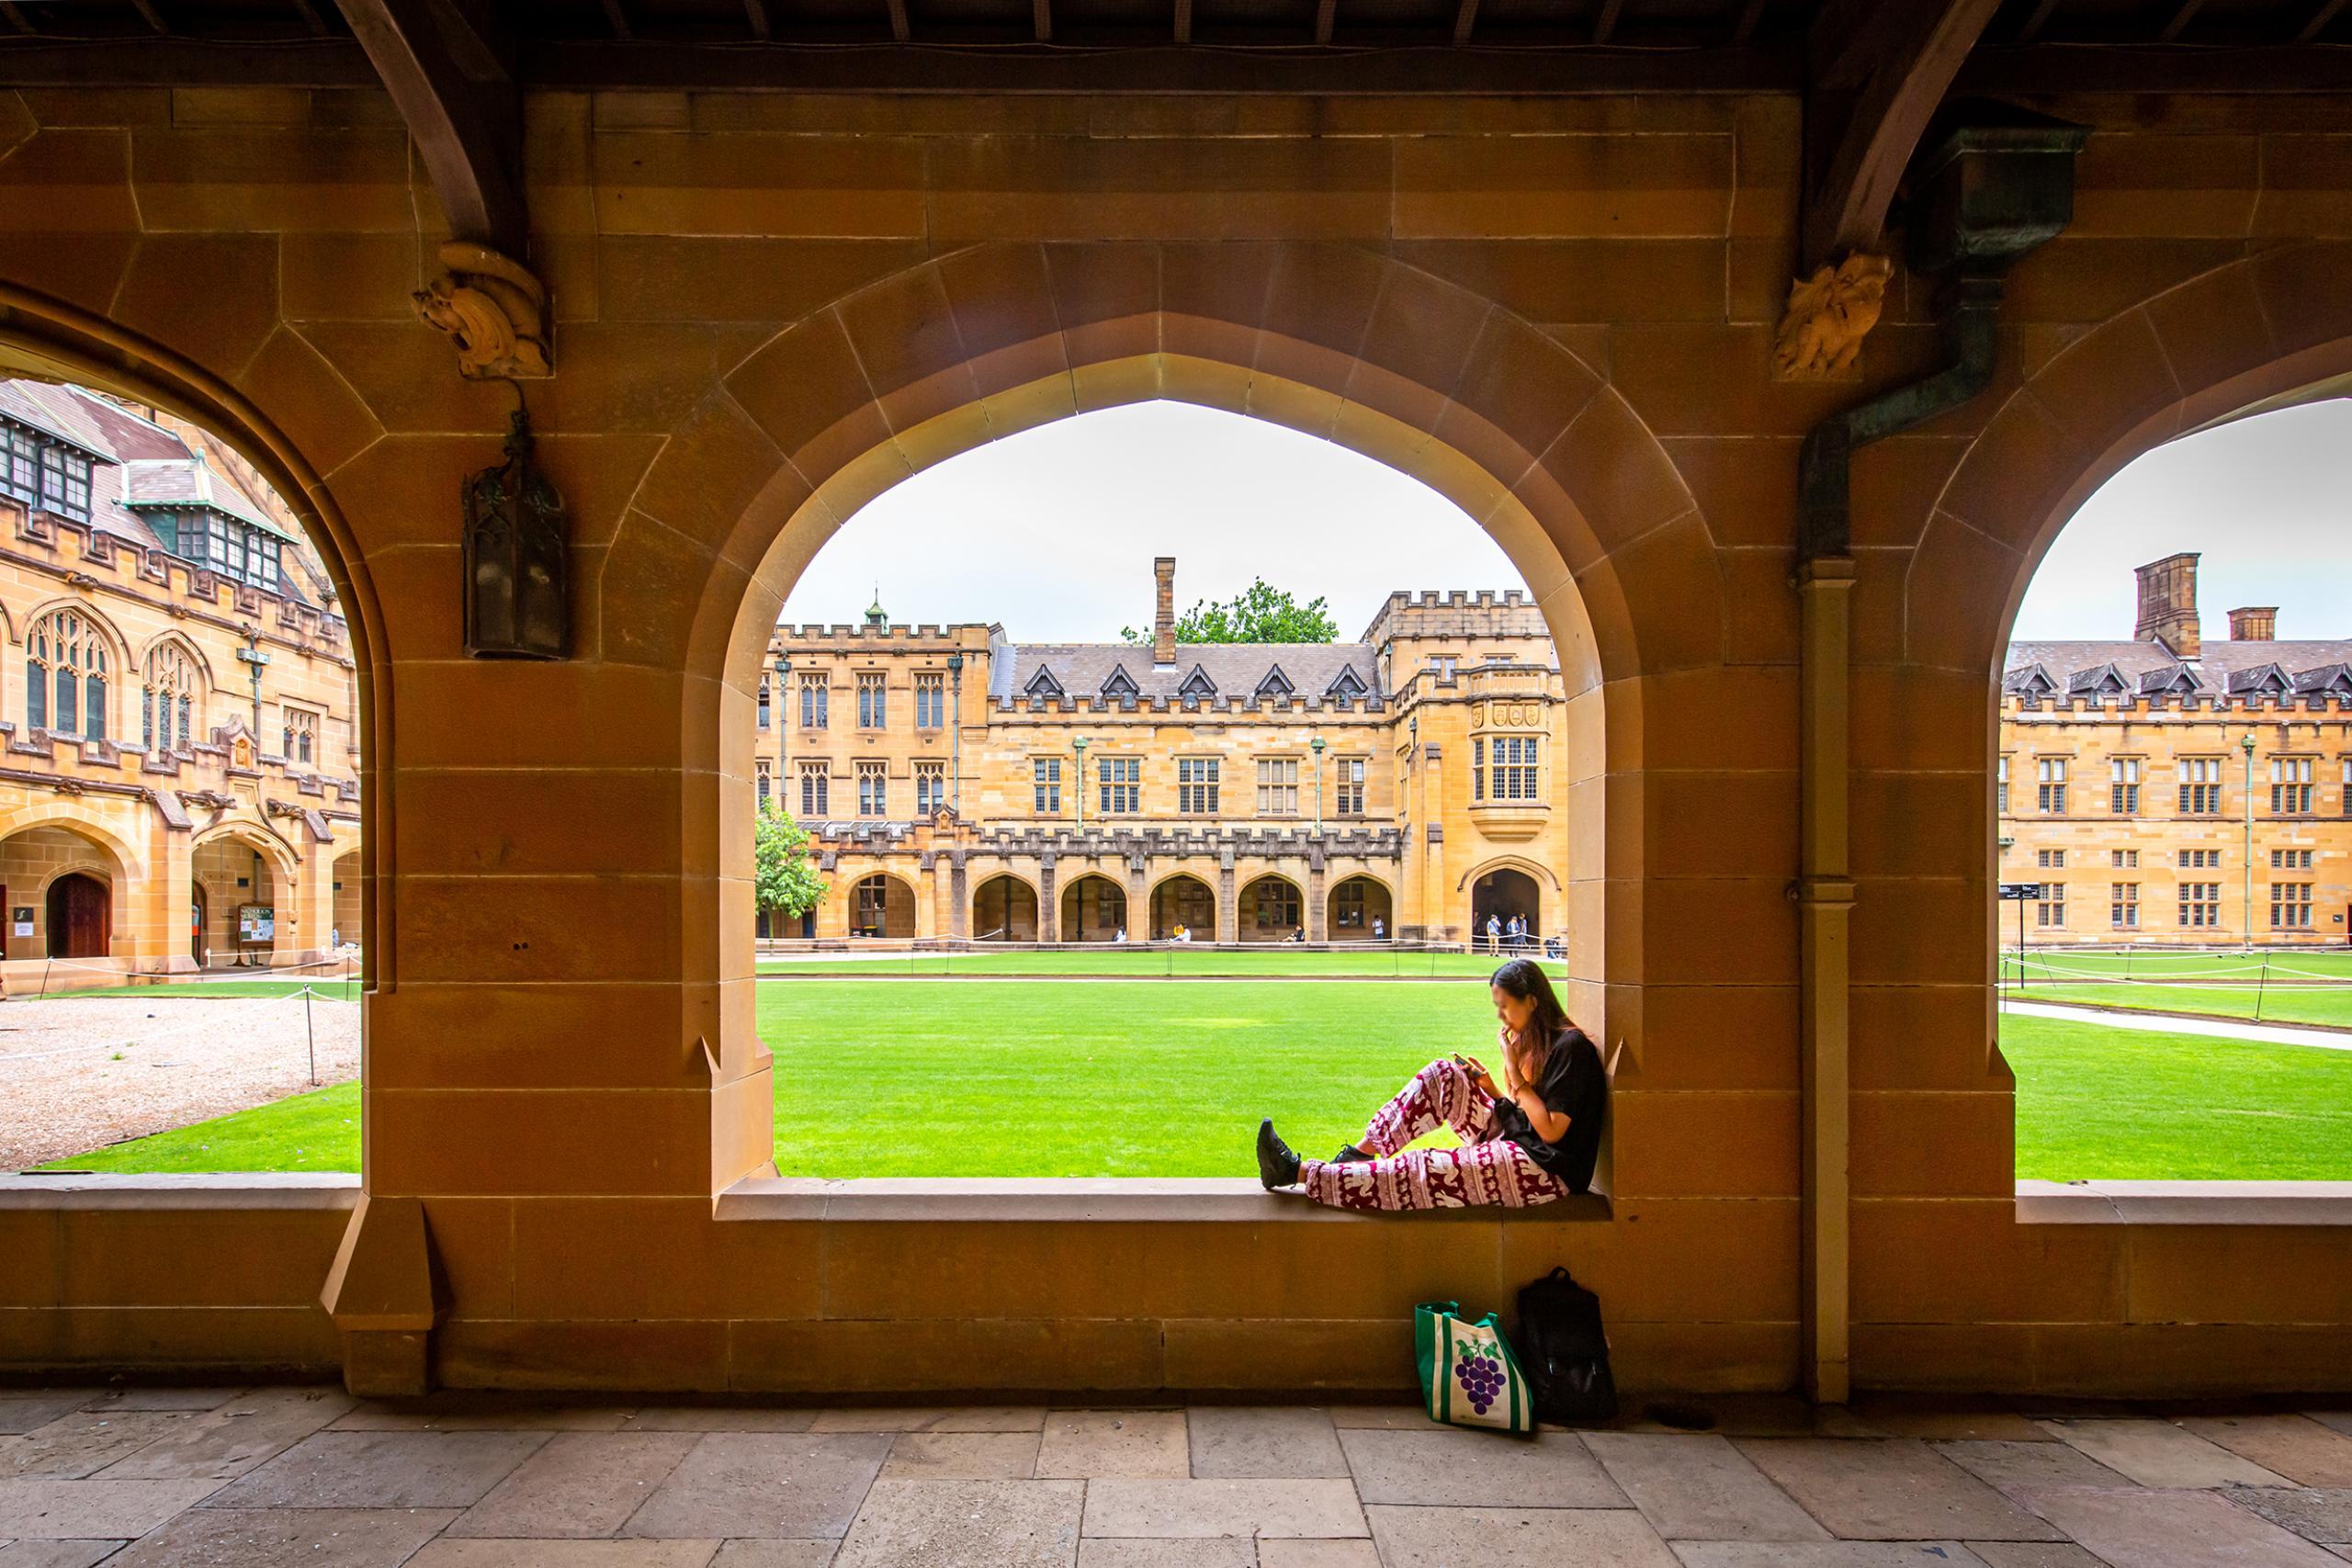 シドニーインスタ映え シドニー大学のグレートホール